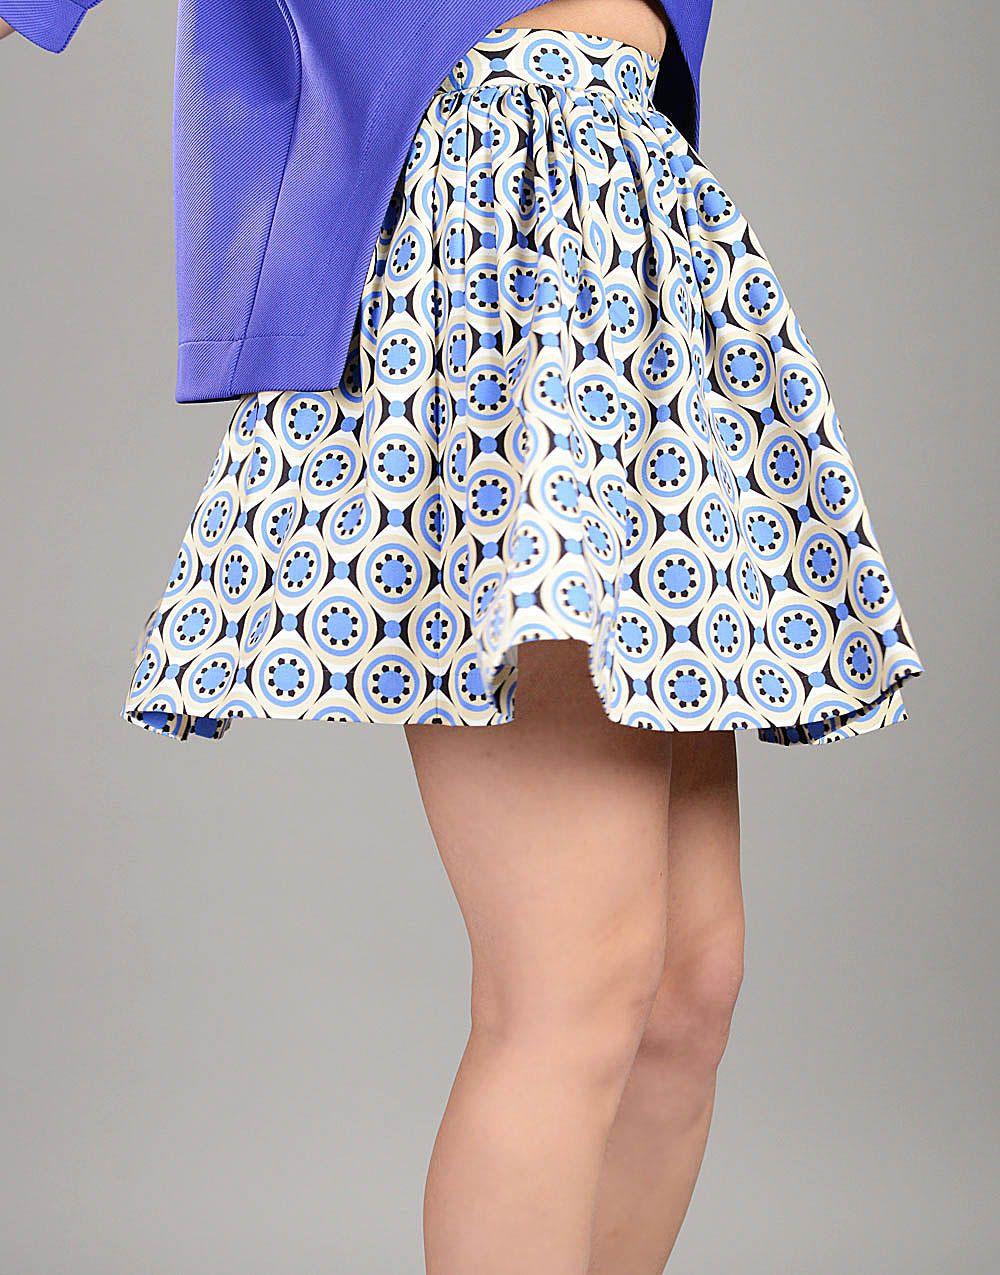 928a0bdff8fd Plus Size Mini Skirt, Pleated Skirt, Cute Skirt, Swing Skirt, Retro Skirt